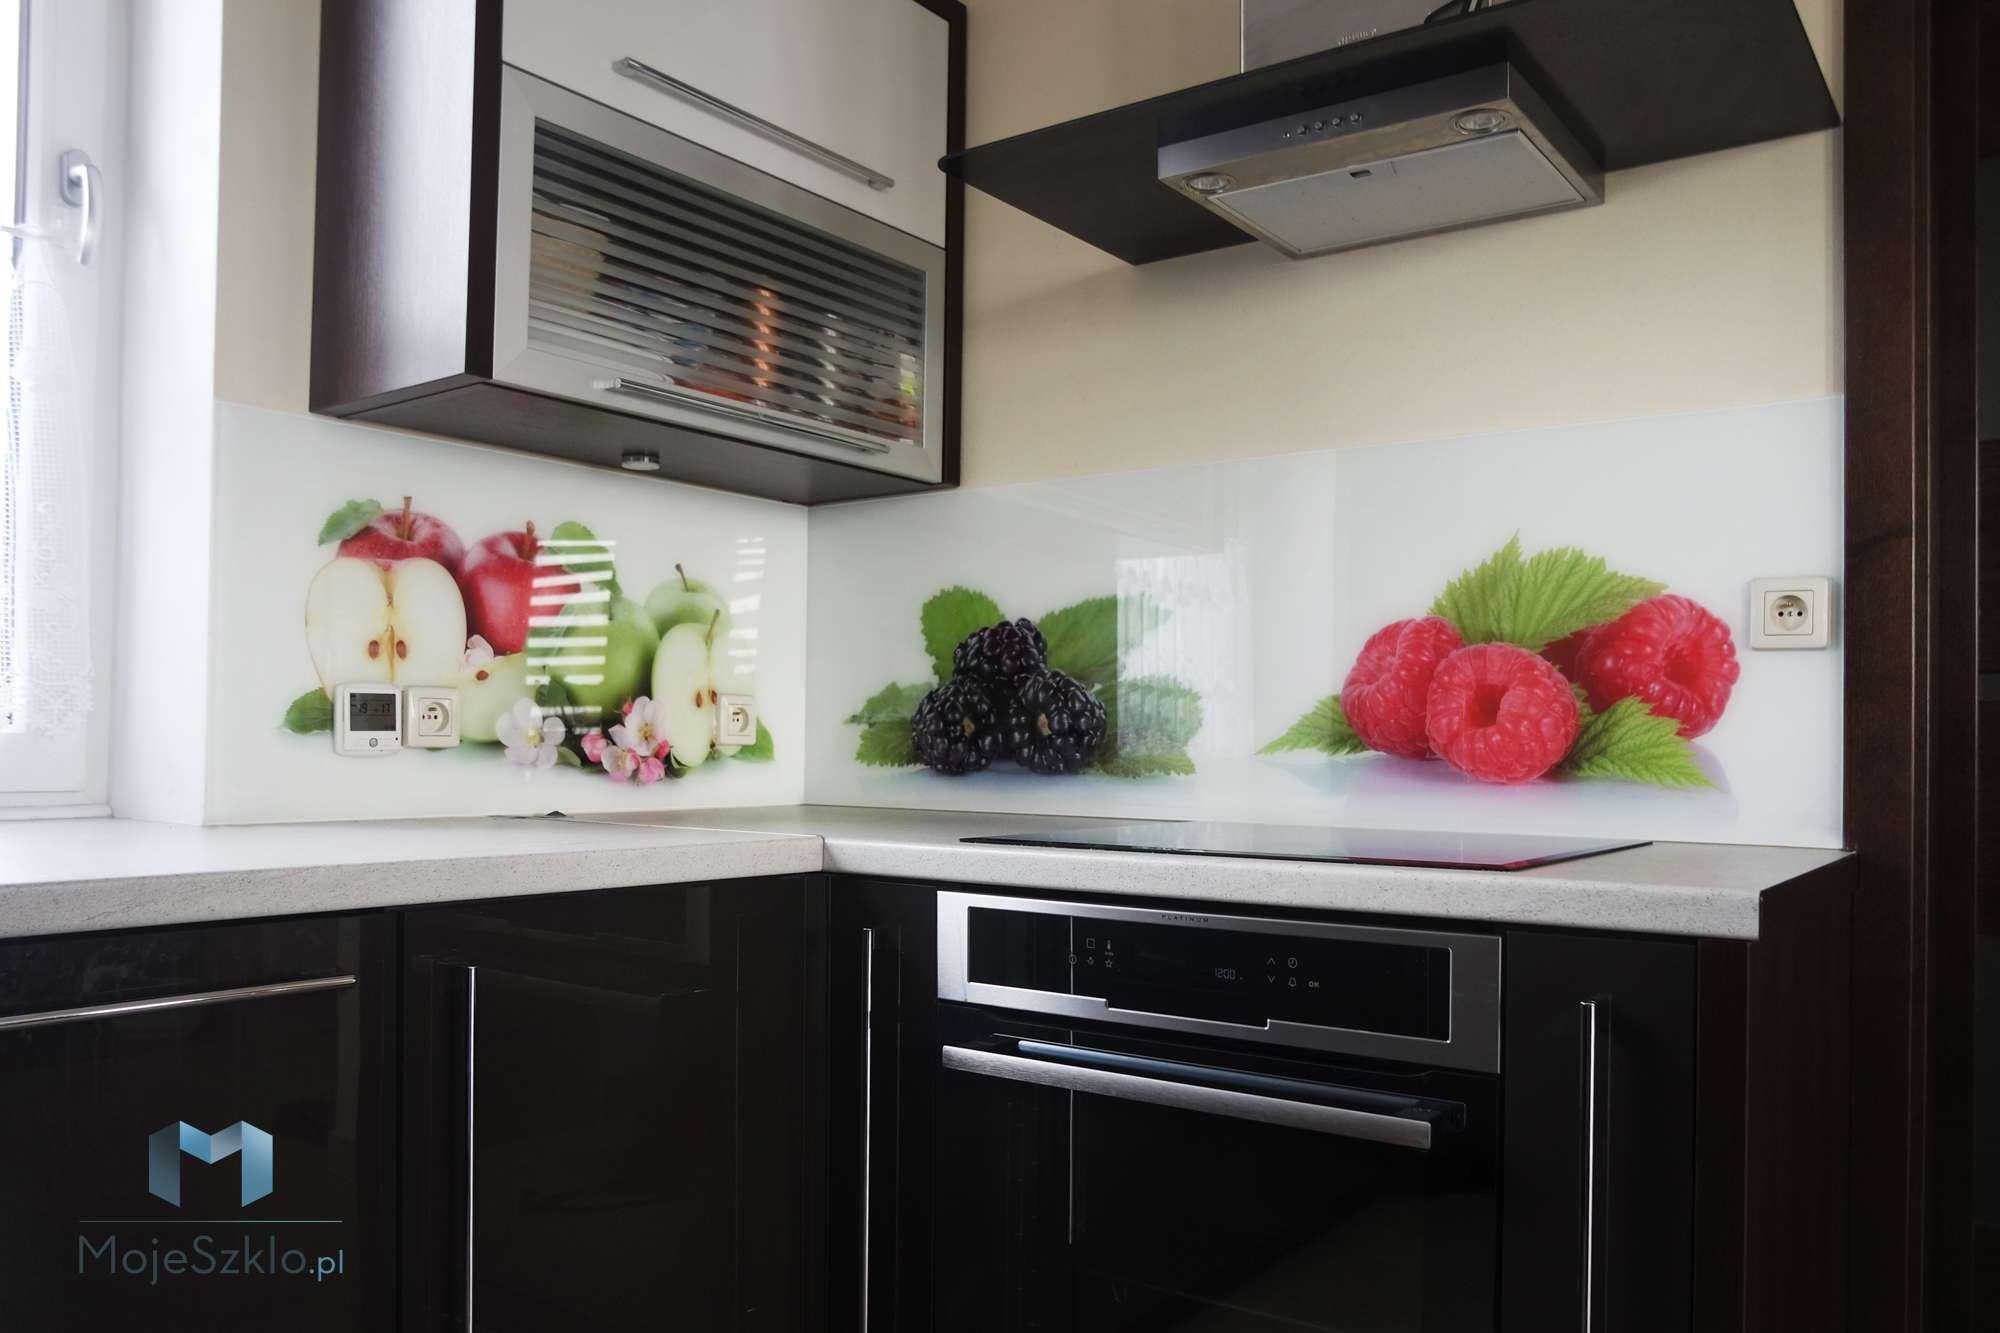 Szkło Do Kuchni Motywy Warzyw I Owoców Mojeszklopl